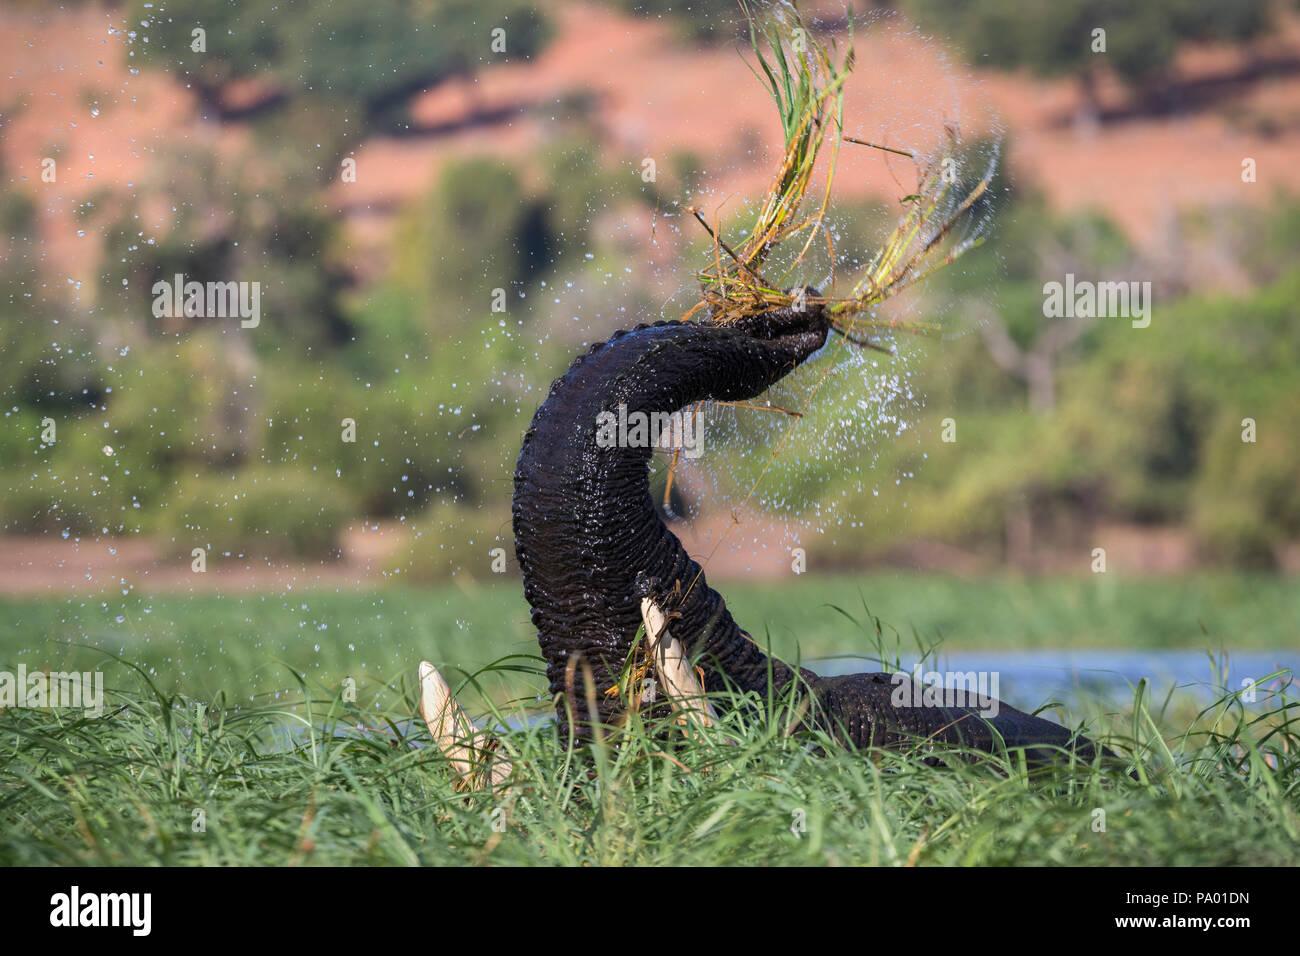 Elephant (Loxodonta africana) feeding in Chobe river, Chobe national park, Botswana - Stock Image